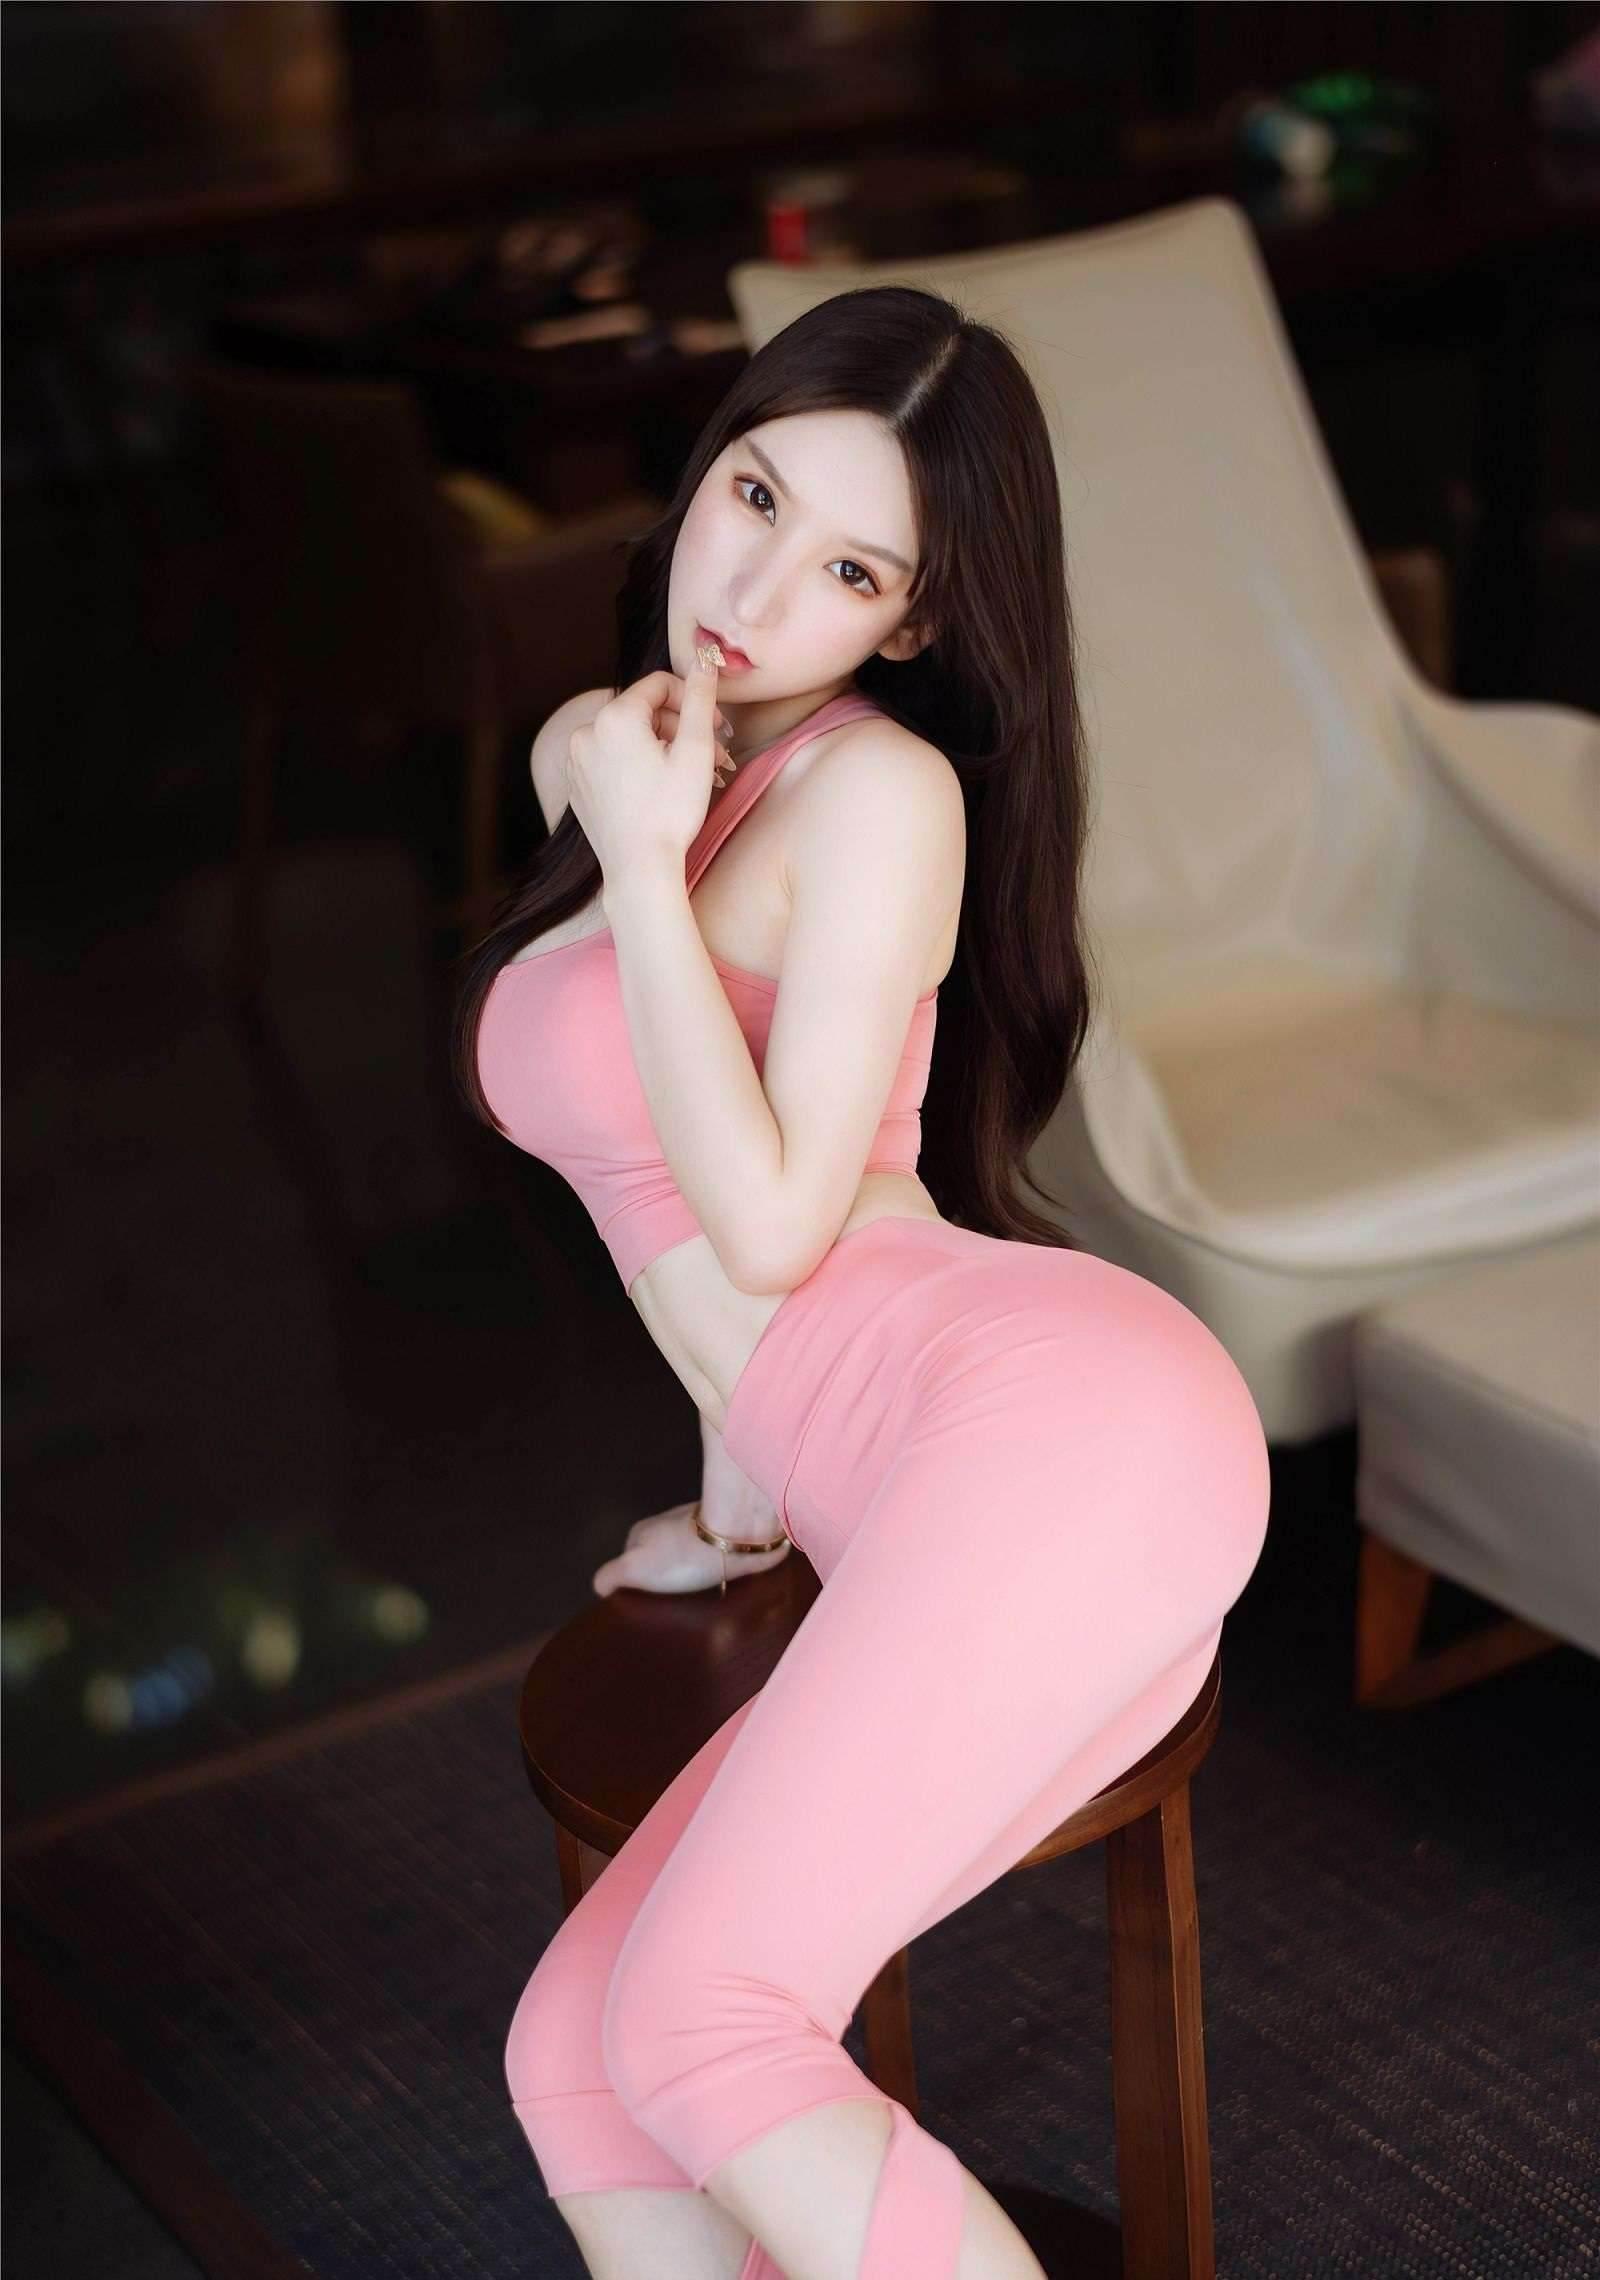 第62期勾人的妖精运动套装周于希(长腿,饱满)_图片4